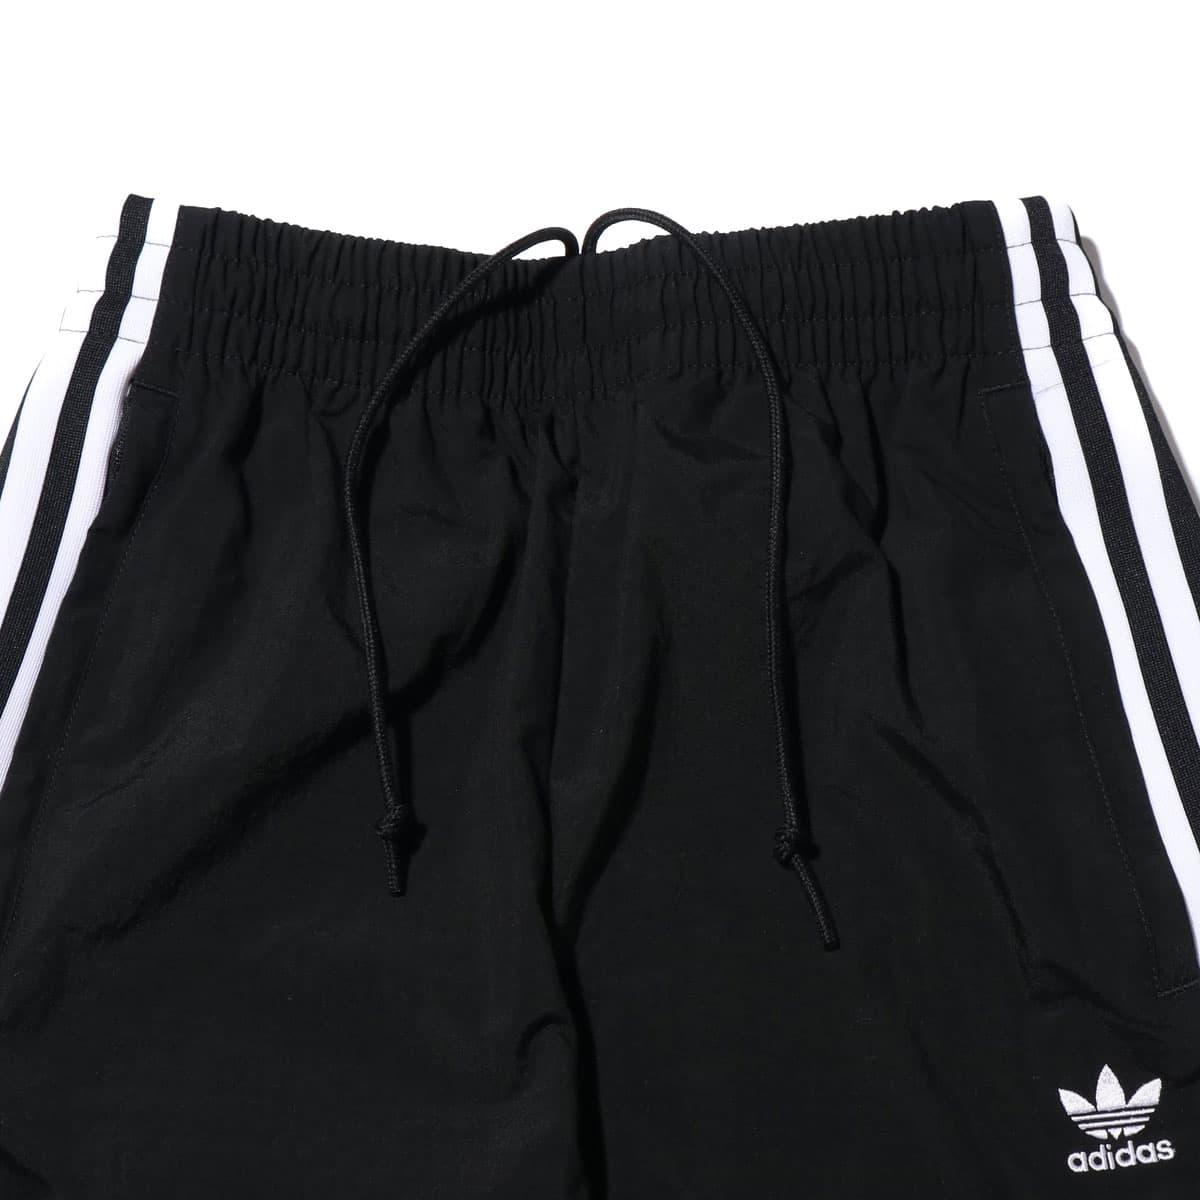 """""""adidas LOCK UP TRACK PANTS BLACK 19FW-I""""_photo_3"""